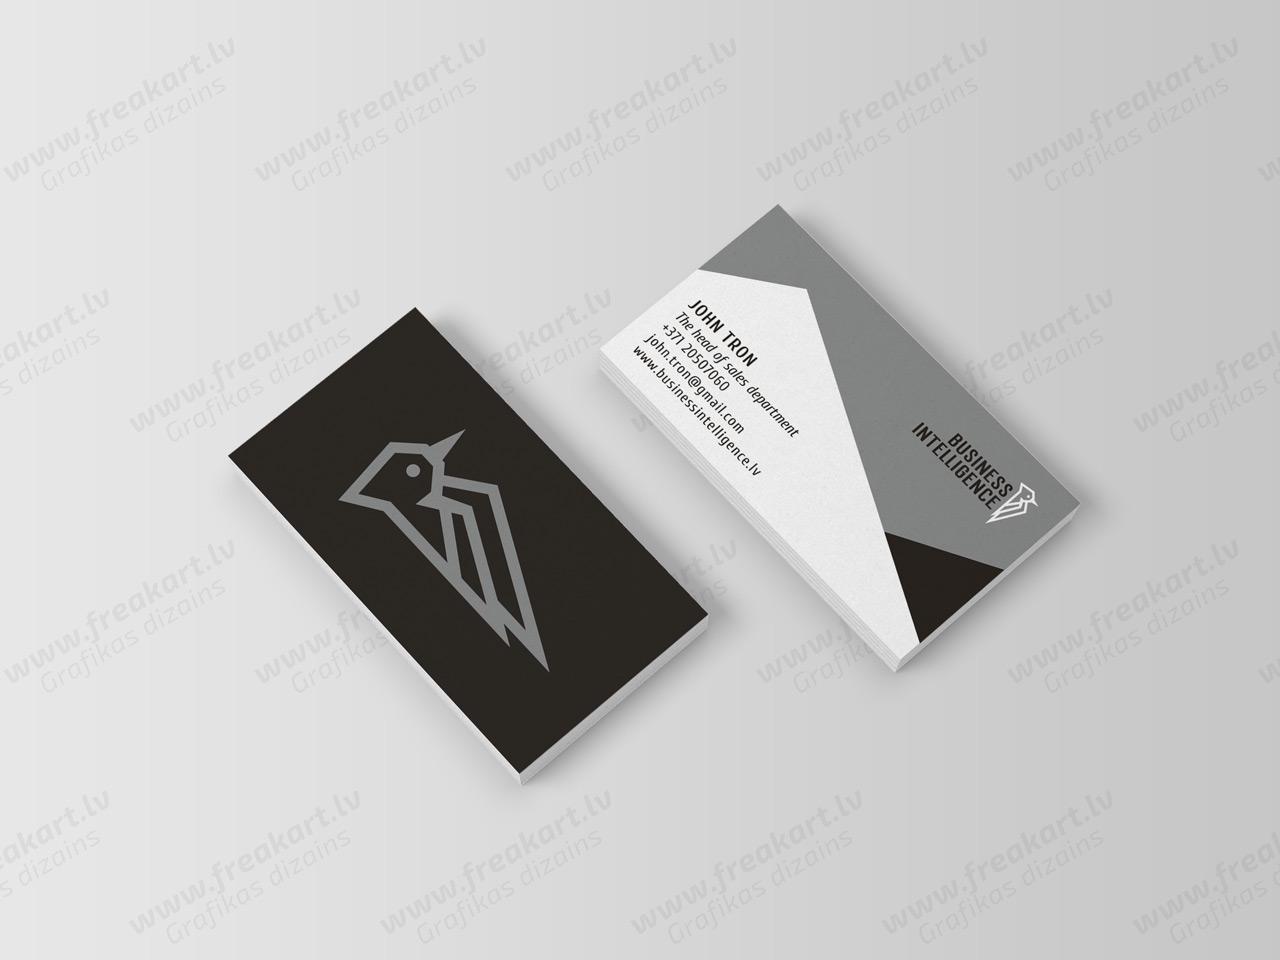 freakart_lv_business_inteligence_logotype_design_04